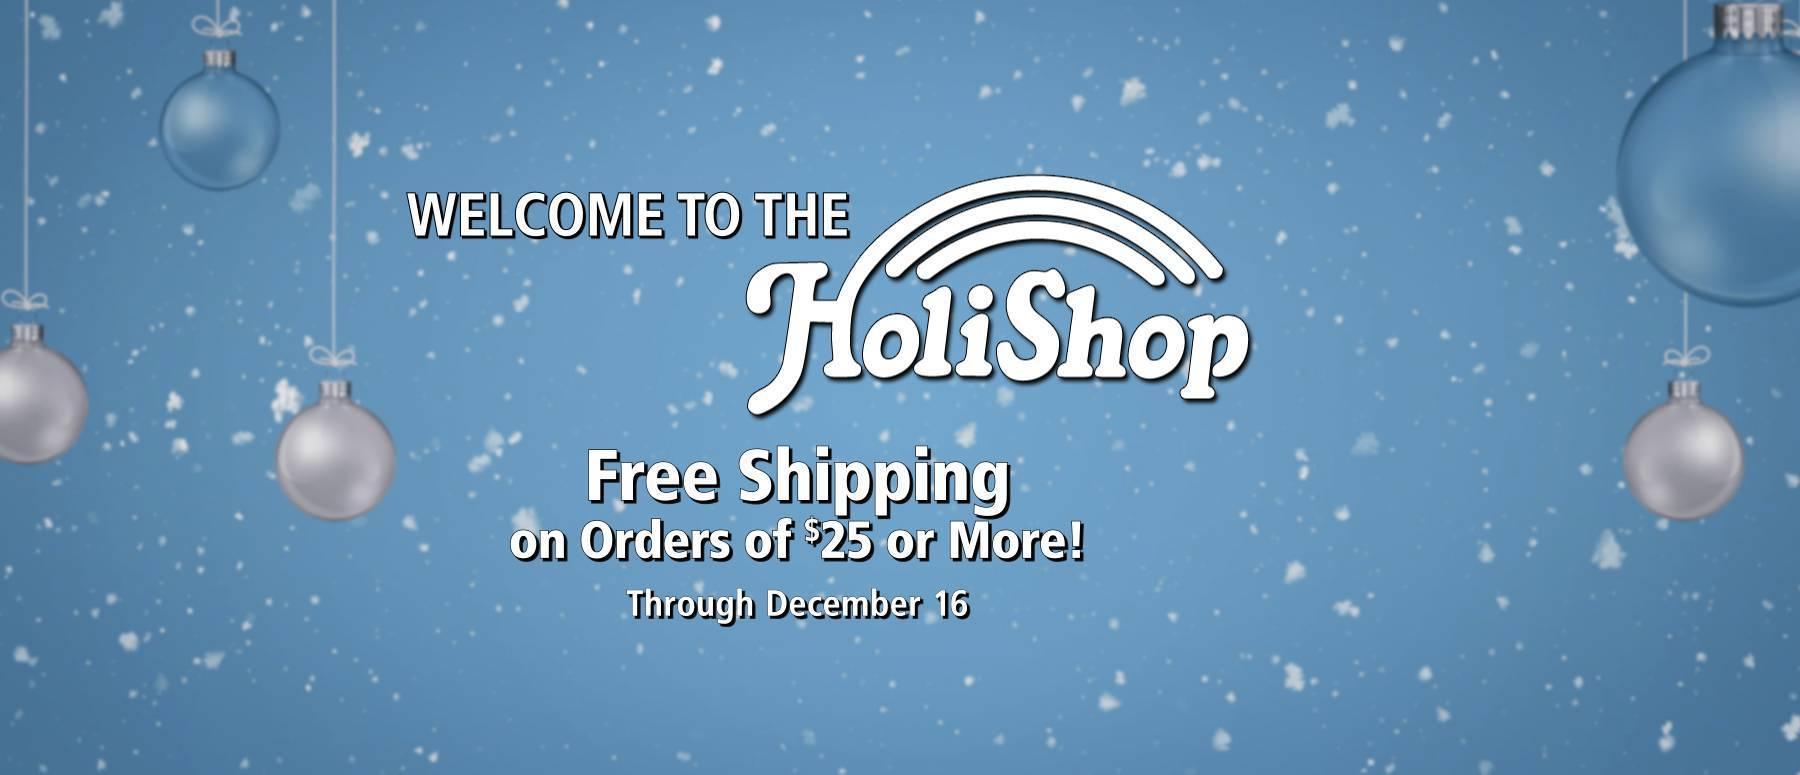 Welcome to the HoliShop!